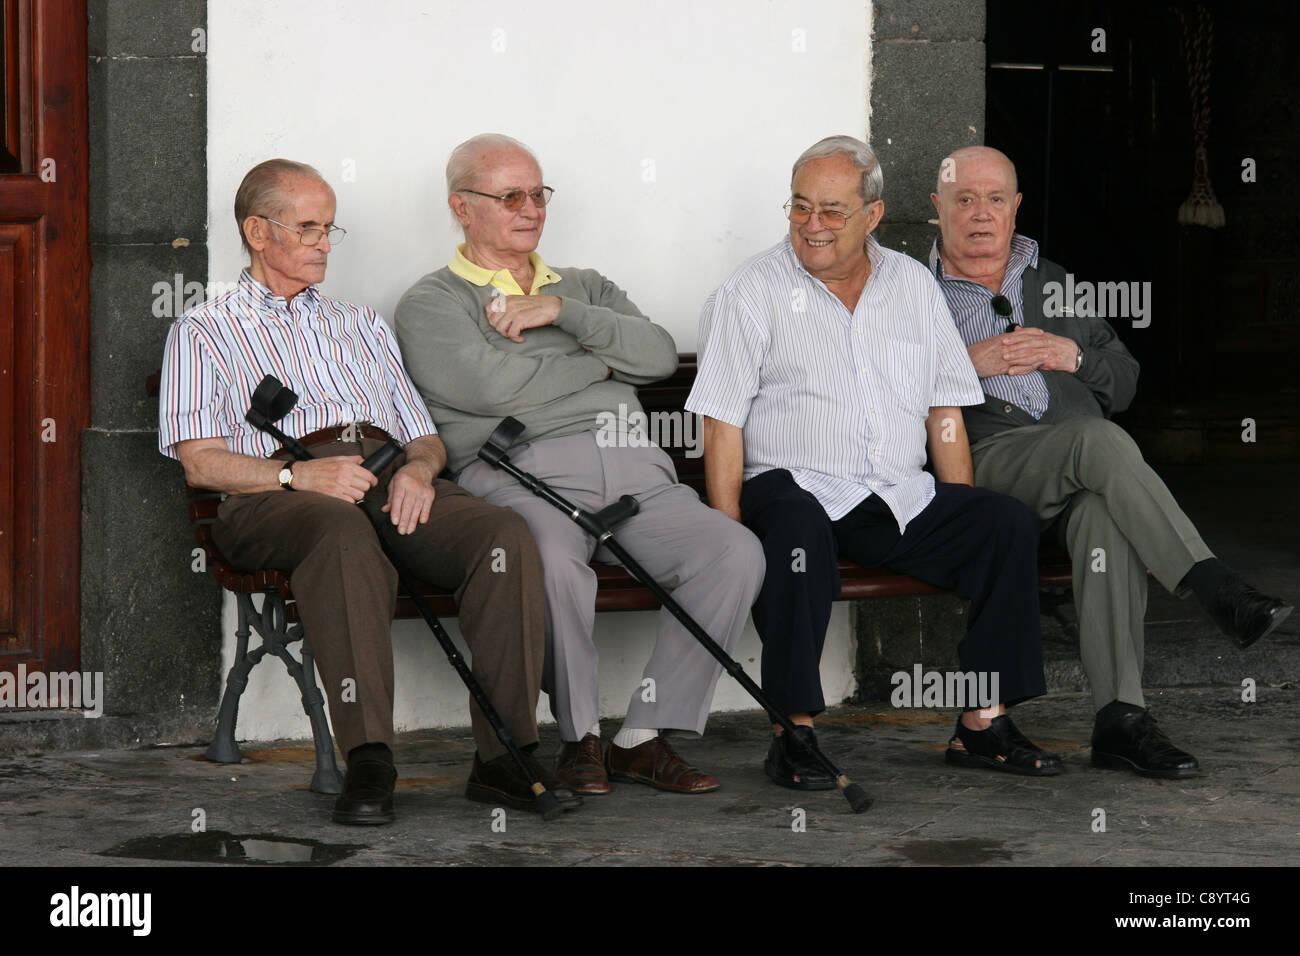 Stehen männer spanische was auf Spanische Männer